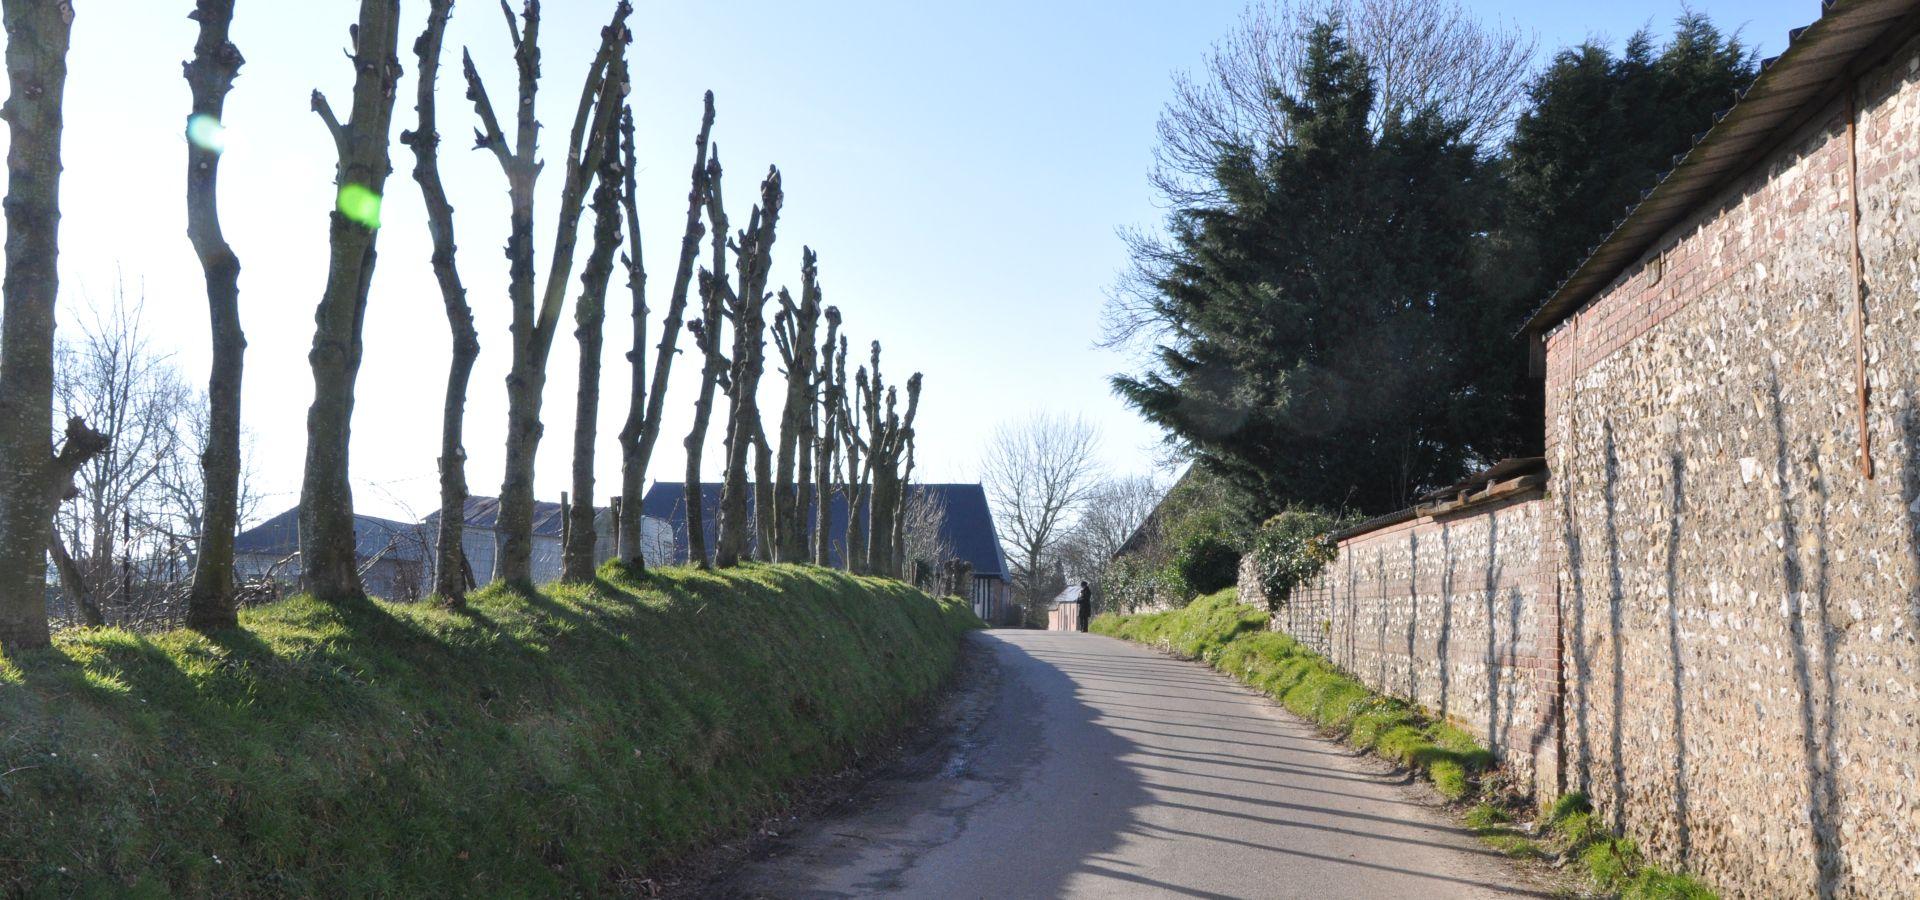 sun on the roads in Le Tilleul